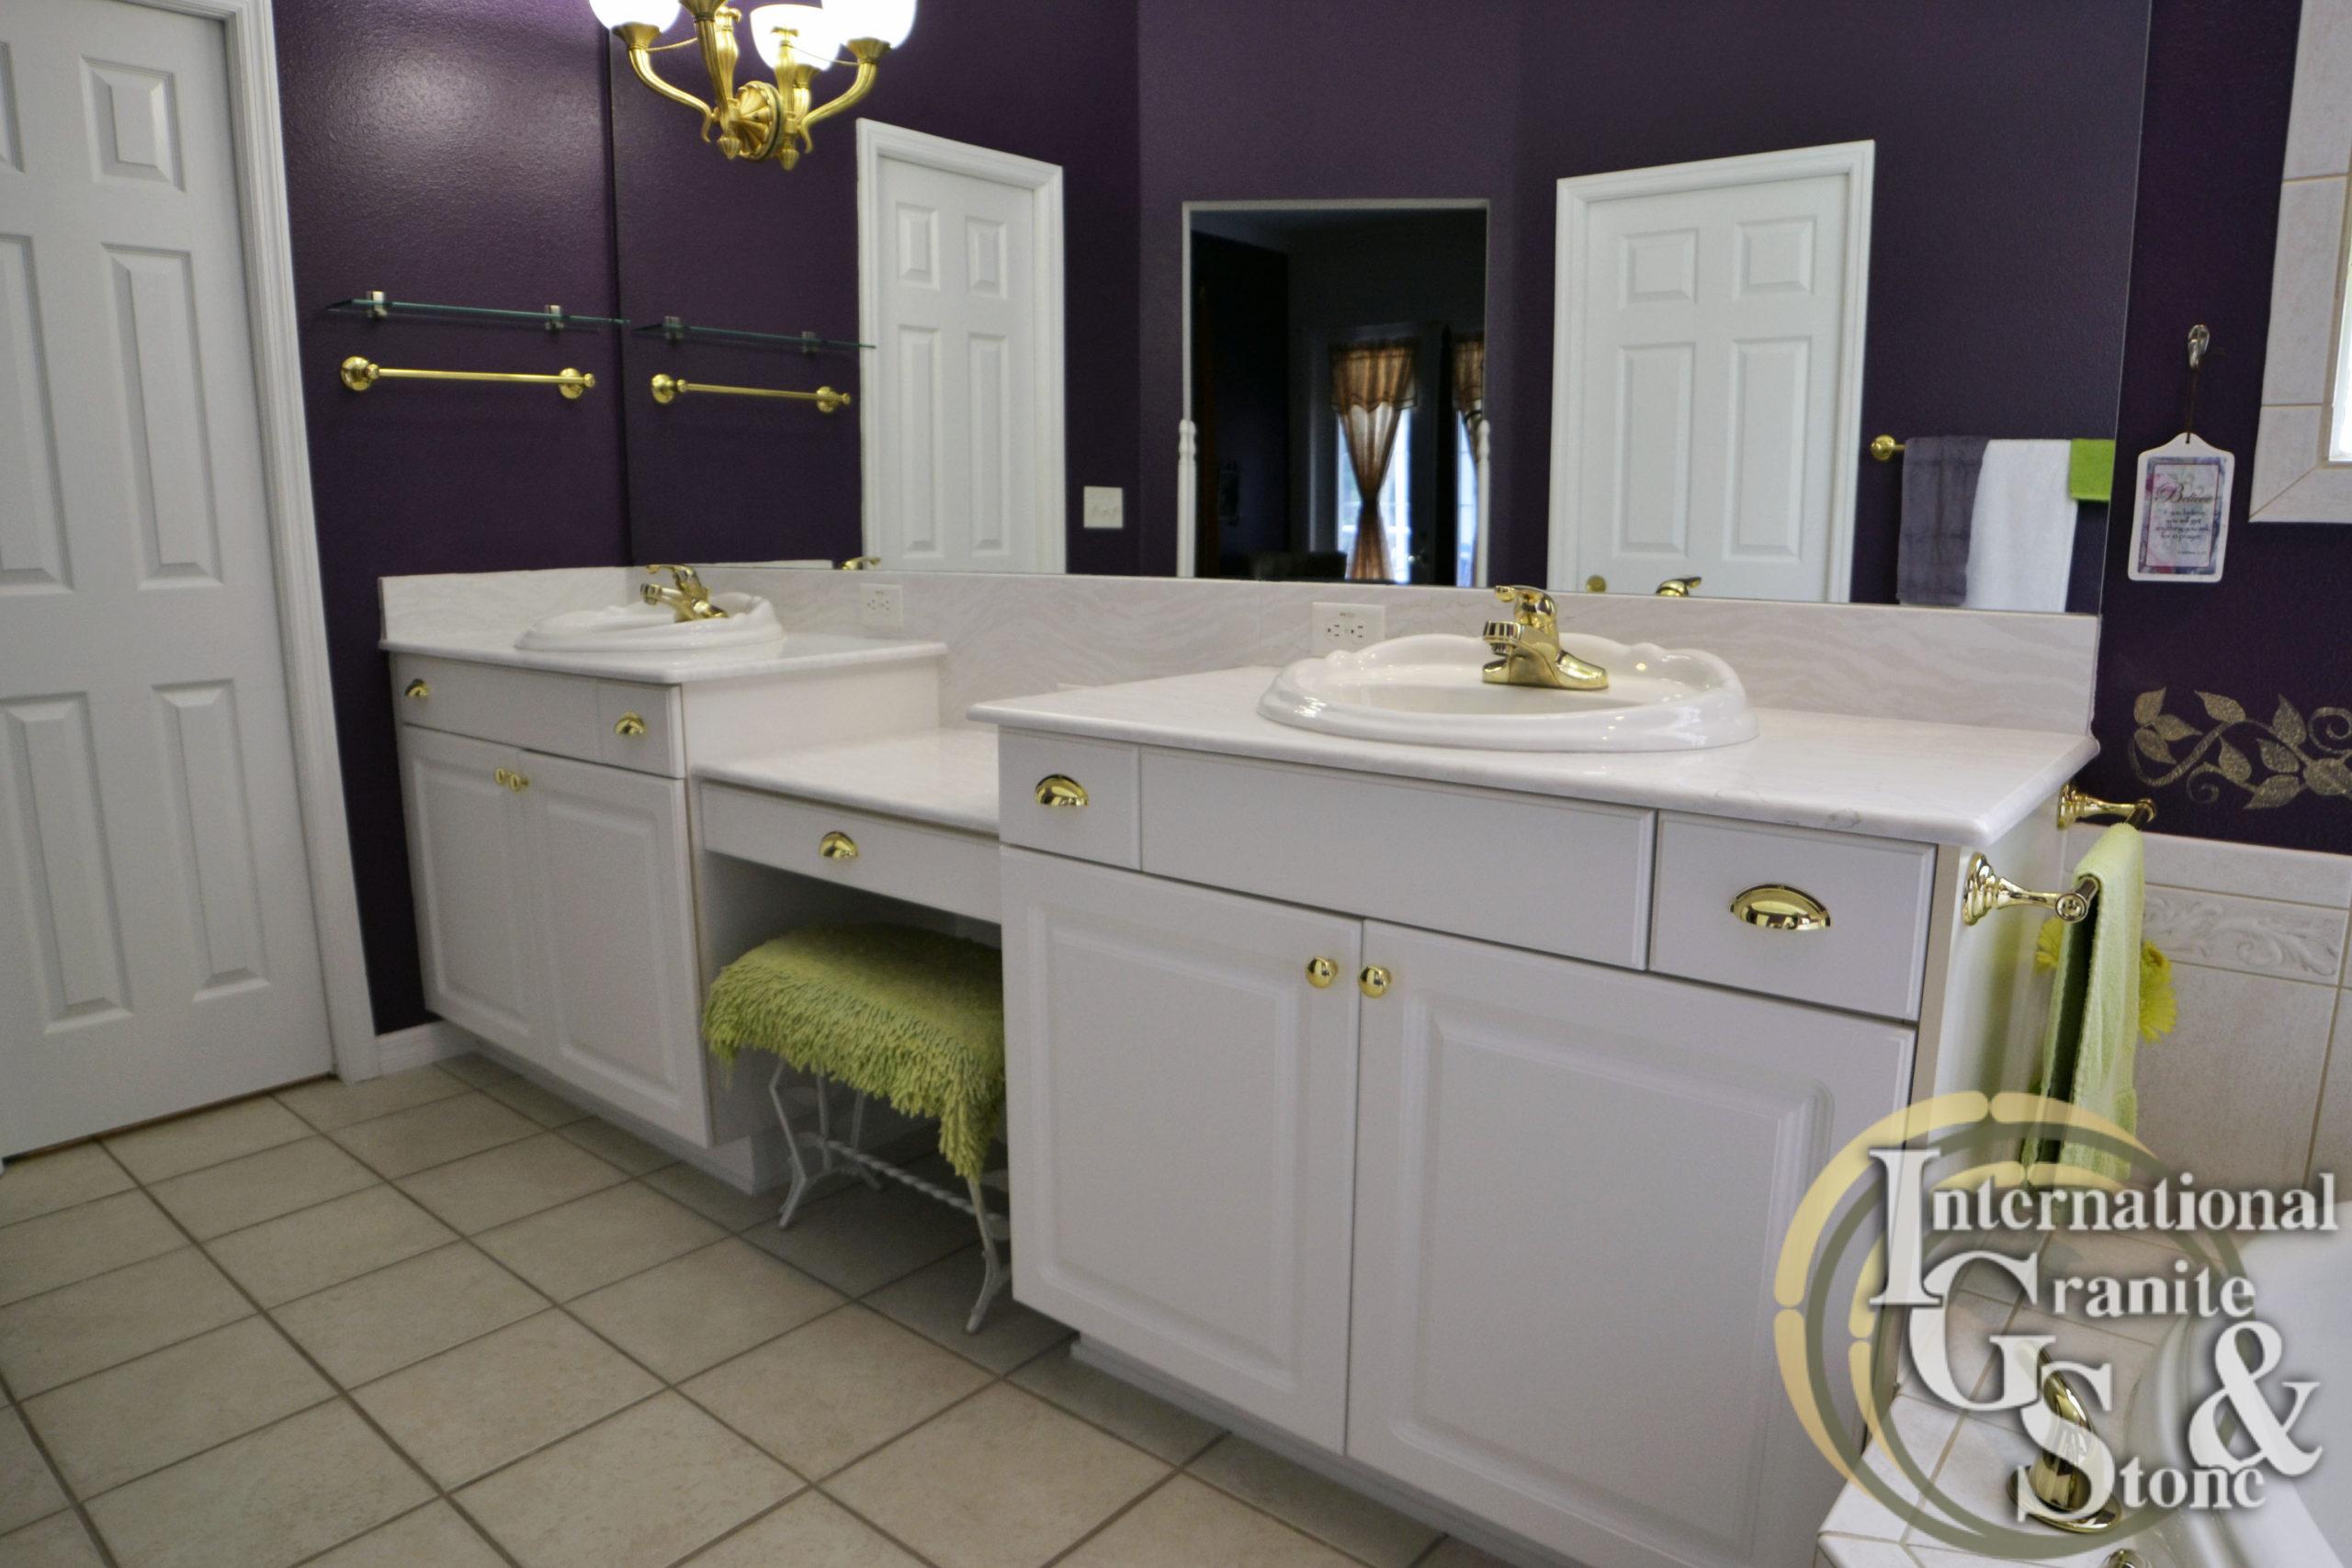 Double Bathroom Countertop Vanity with Delgatie